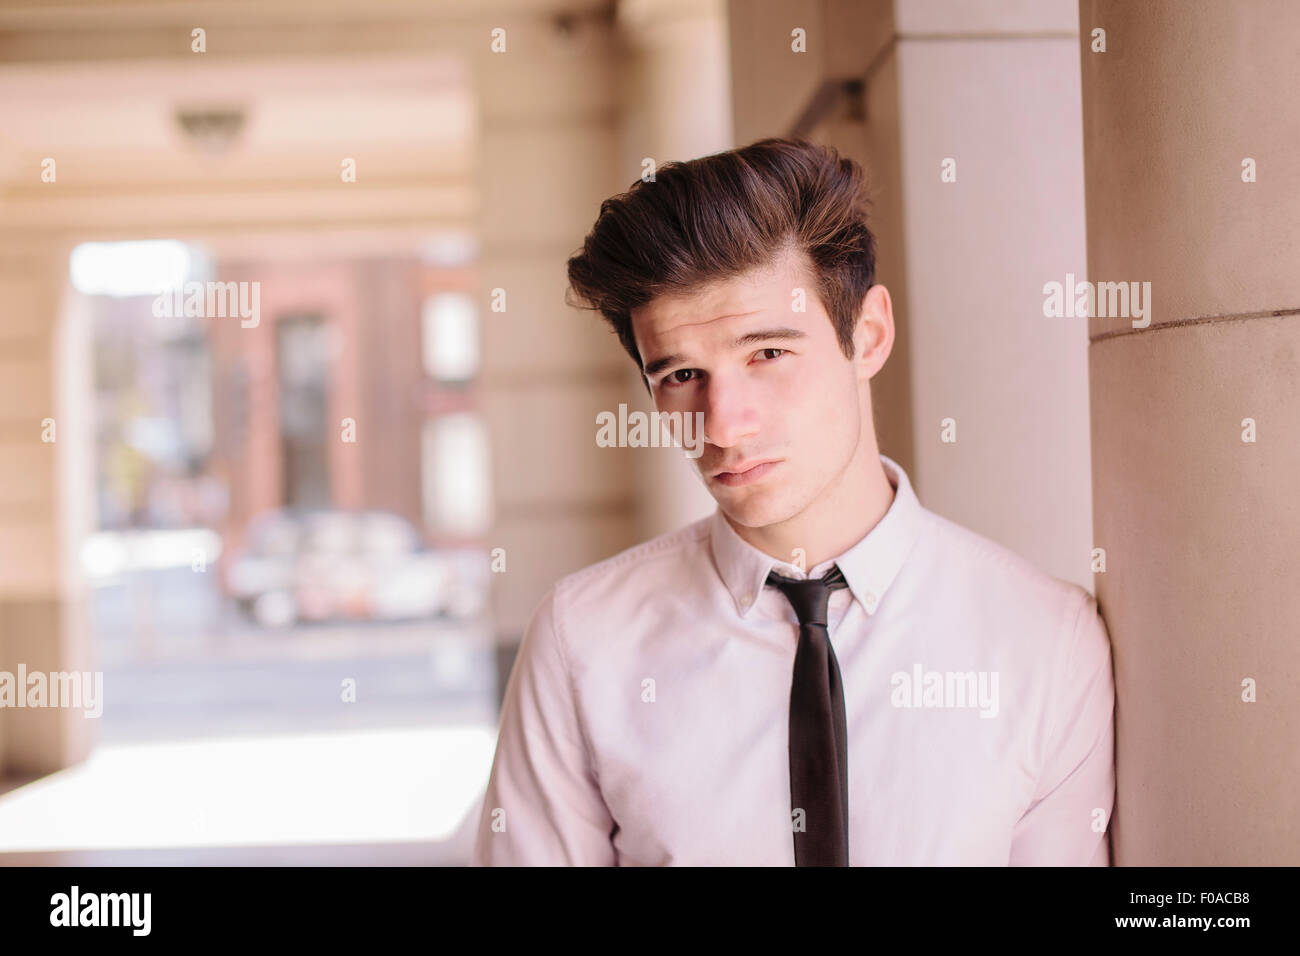 Porträt von überzeugt junge Stadt Geschäftsmann Säule gelehnt Stockfoto